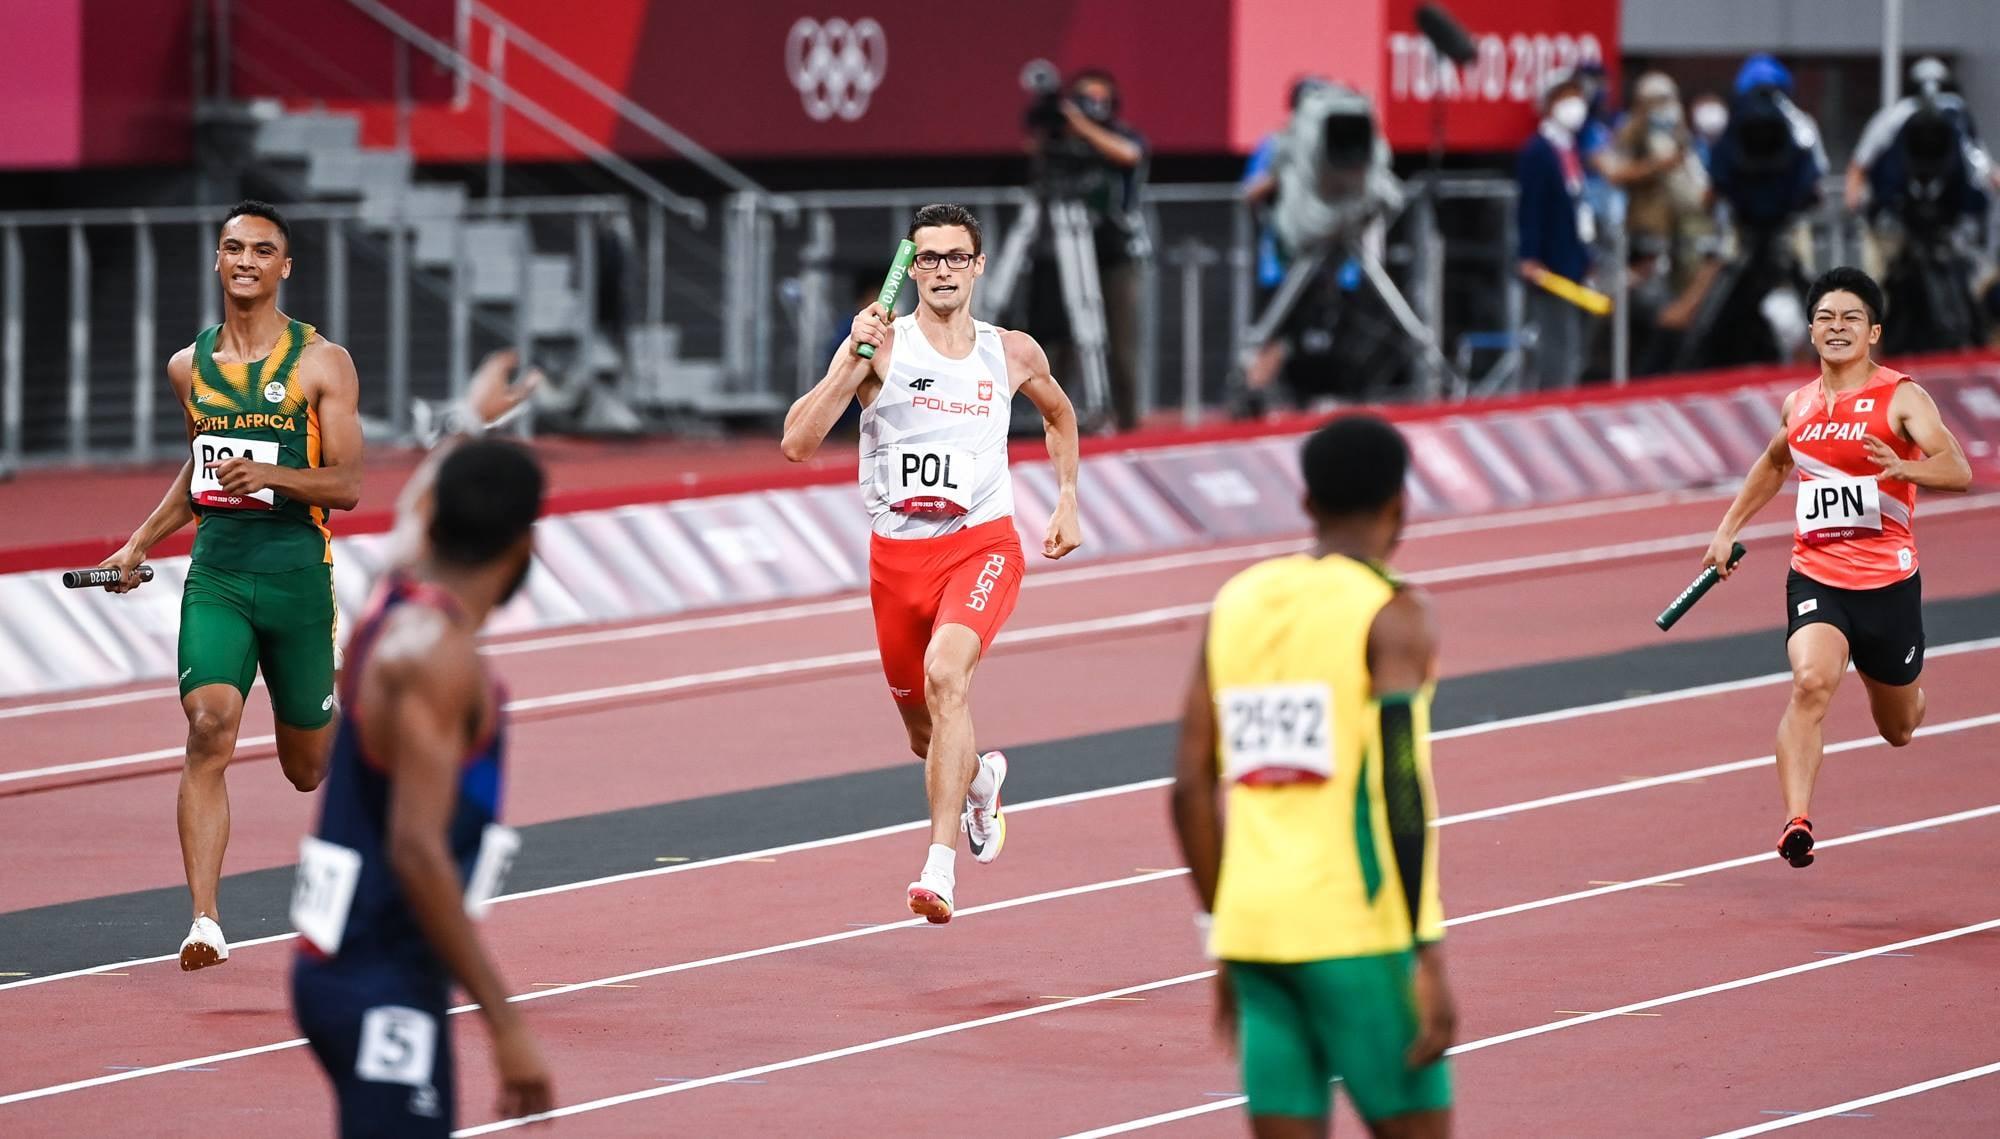 W czwartek spotkanie ze złotym medalistą olimpijskim Dariuszem Kowalukiem - Zdjęcie główne